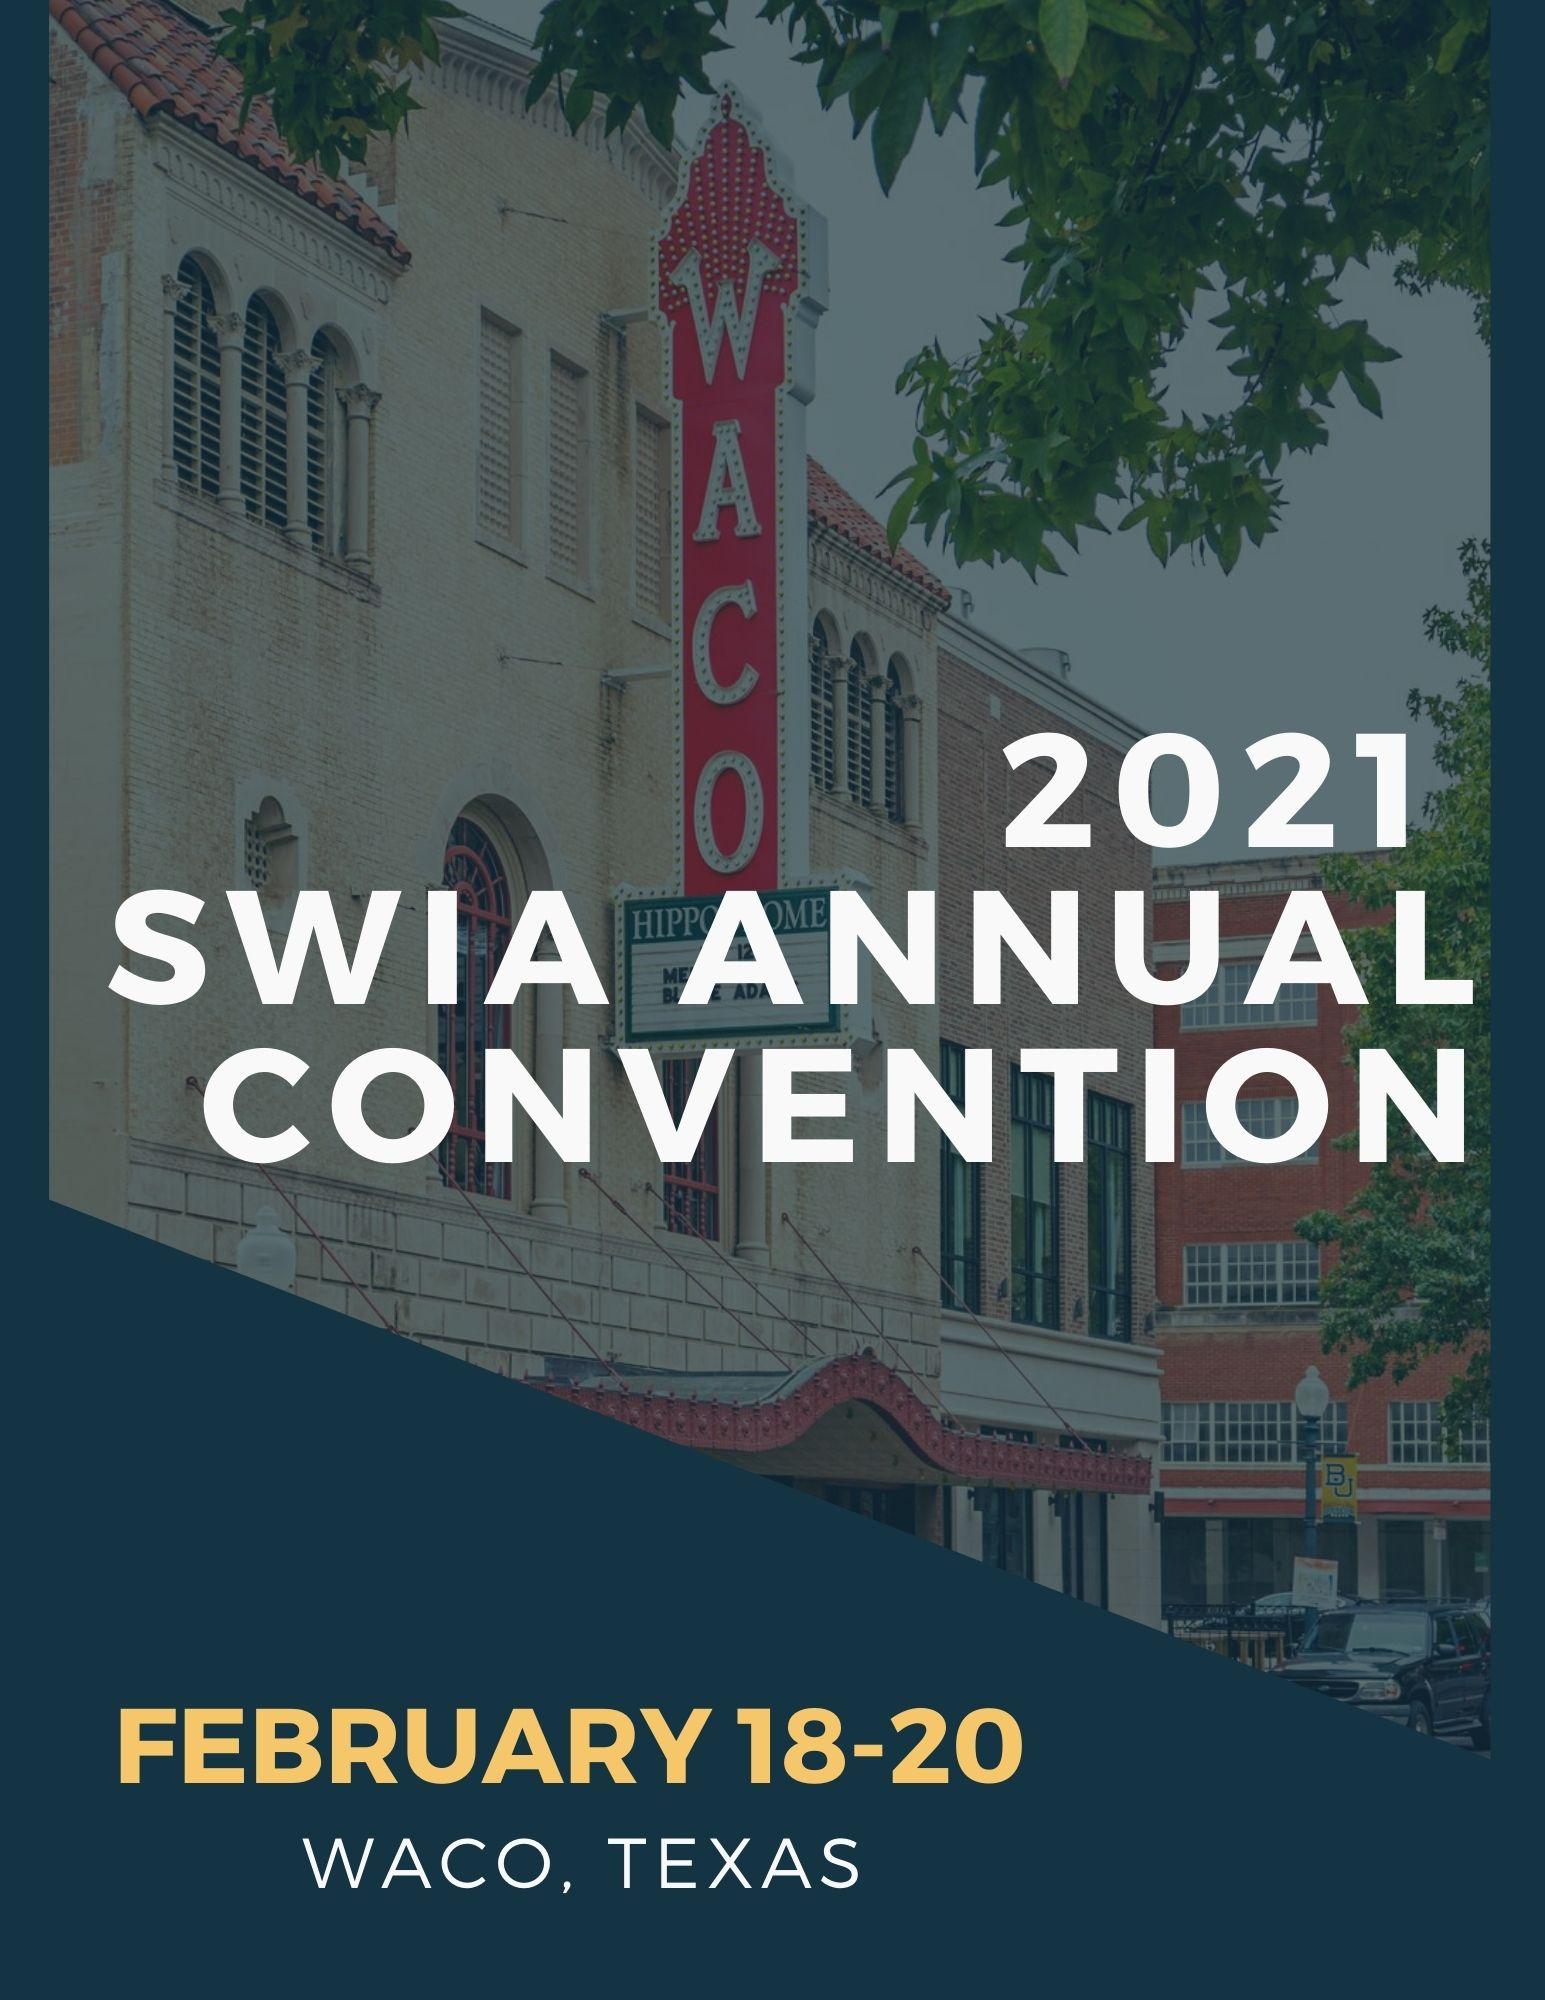 2021 SWIA ANNUAL CONVENTION